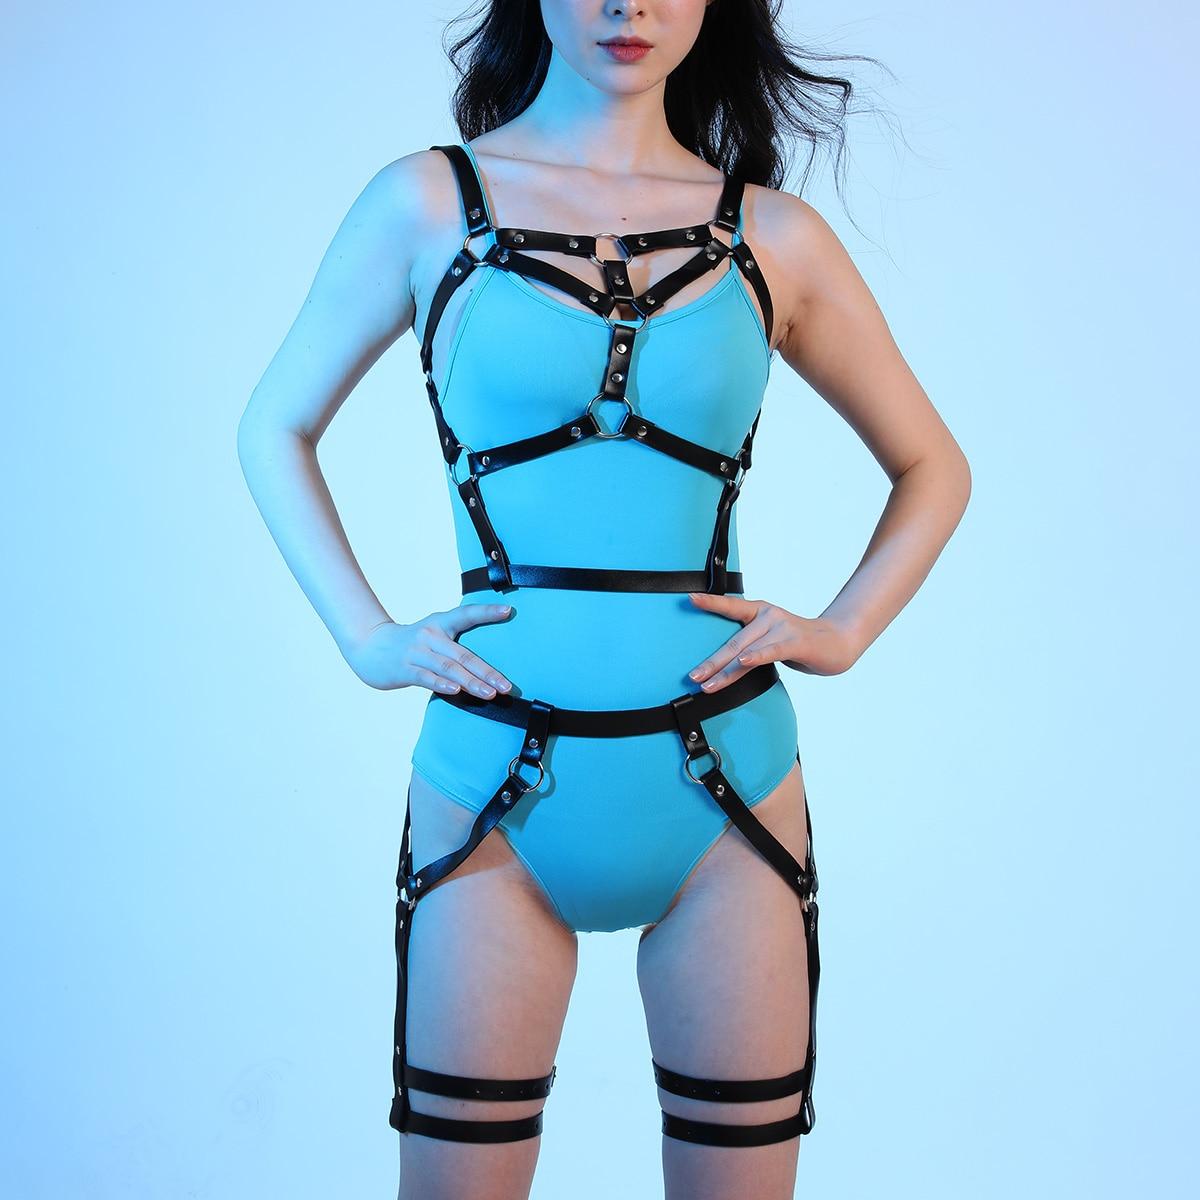 H87 corset,Waistband,Harness belt,Women harness,Fashion,Body belt,Waist harness,Real leather belt,Black belt,Mature,,Handmade,Handcut design